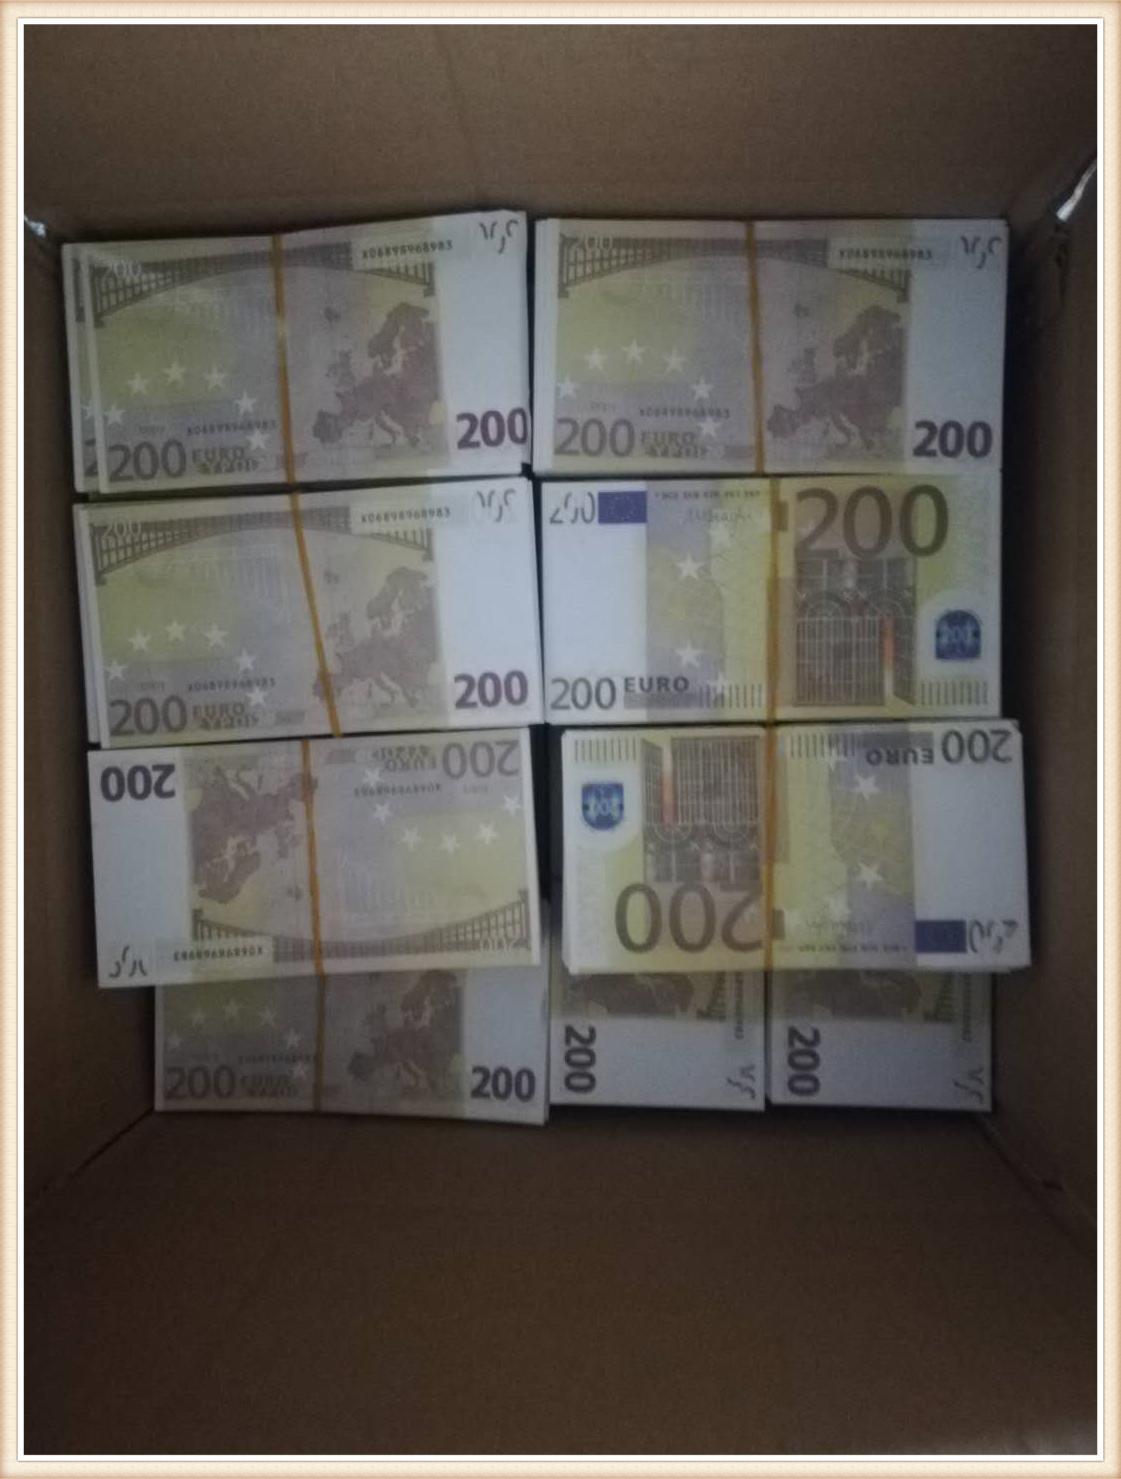 200 евро Играть в бумагу Напечатанные деньги игрушки для детей для детей Рождественские подарки или реквизиты фильма 014